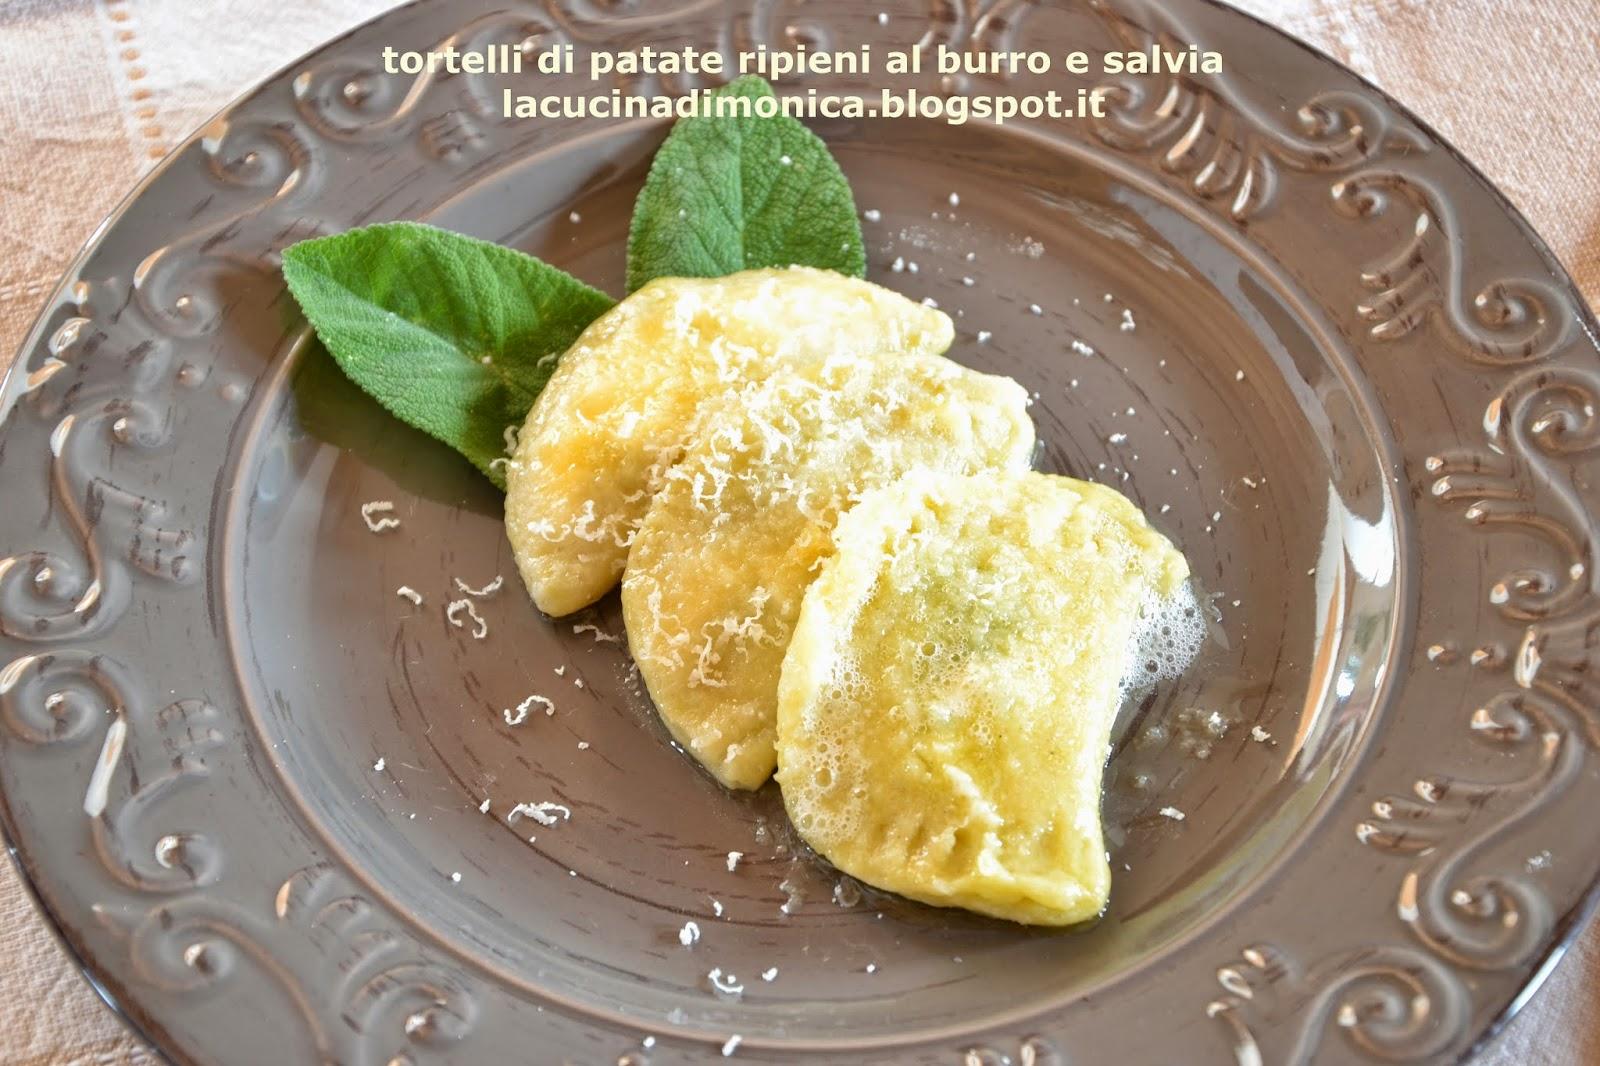 tortelli di patate ripieni al burro e salvia